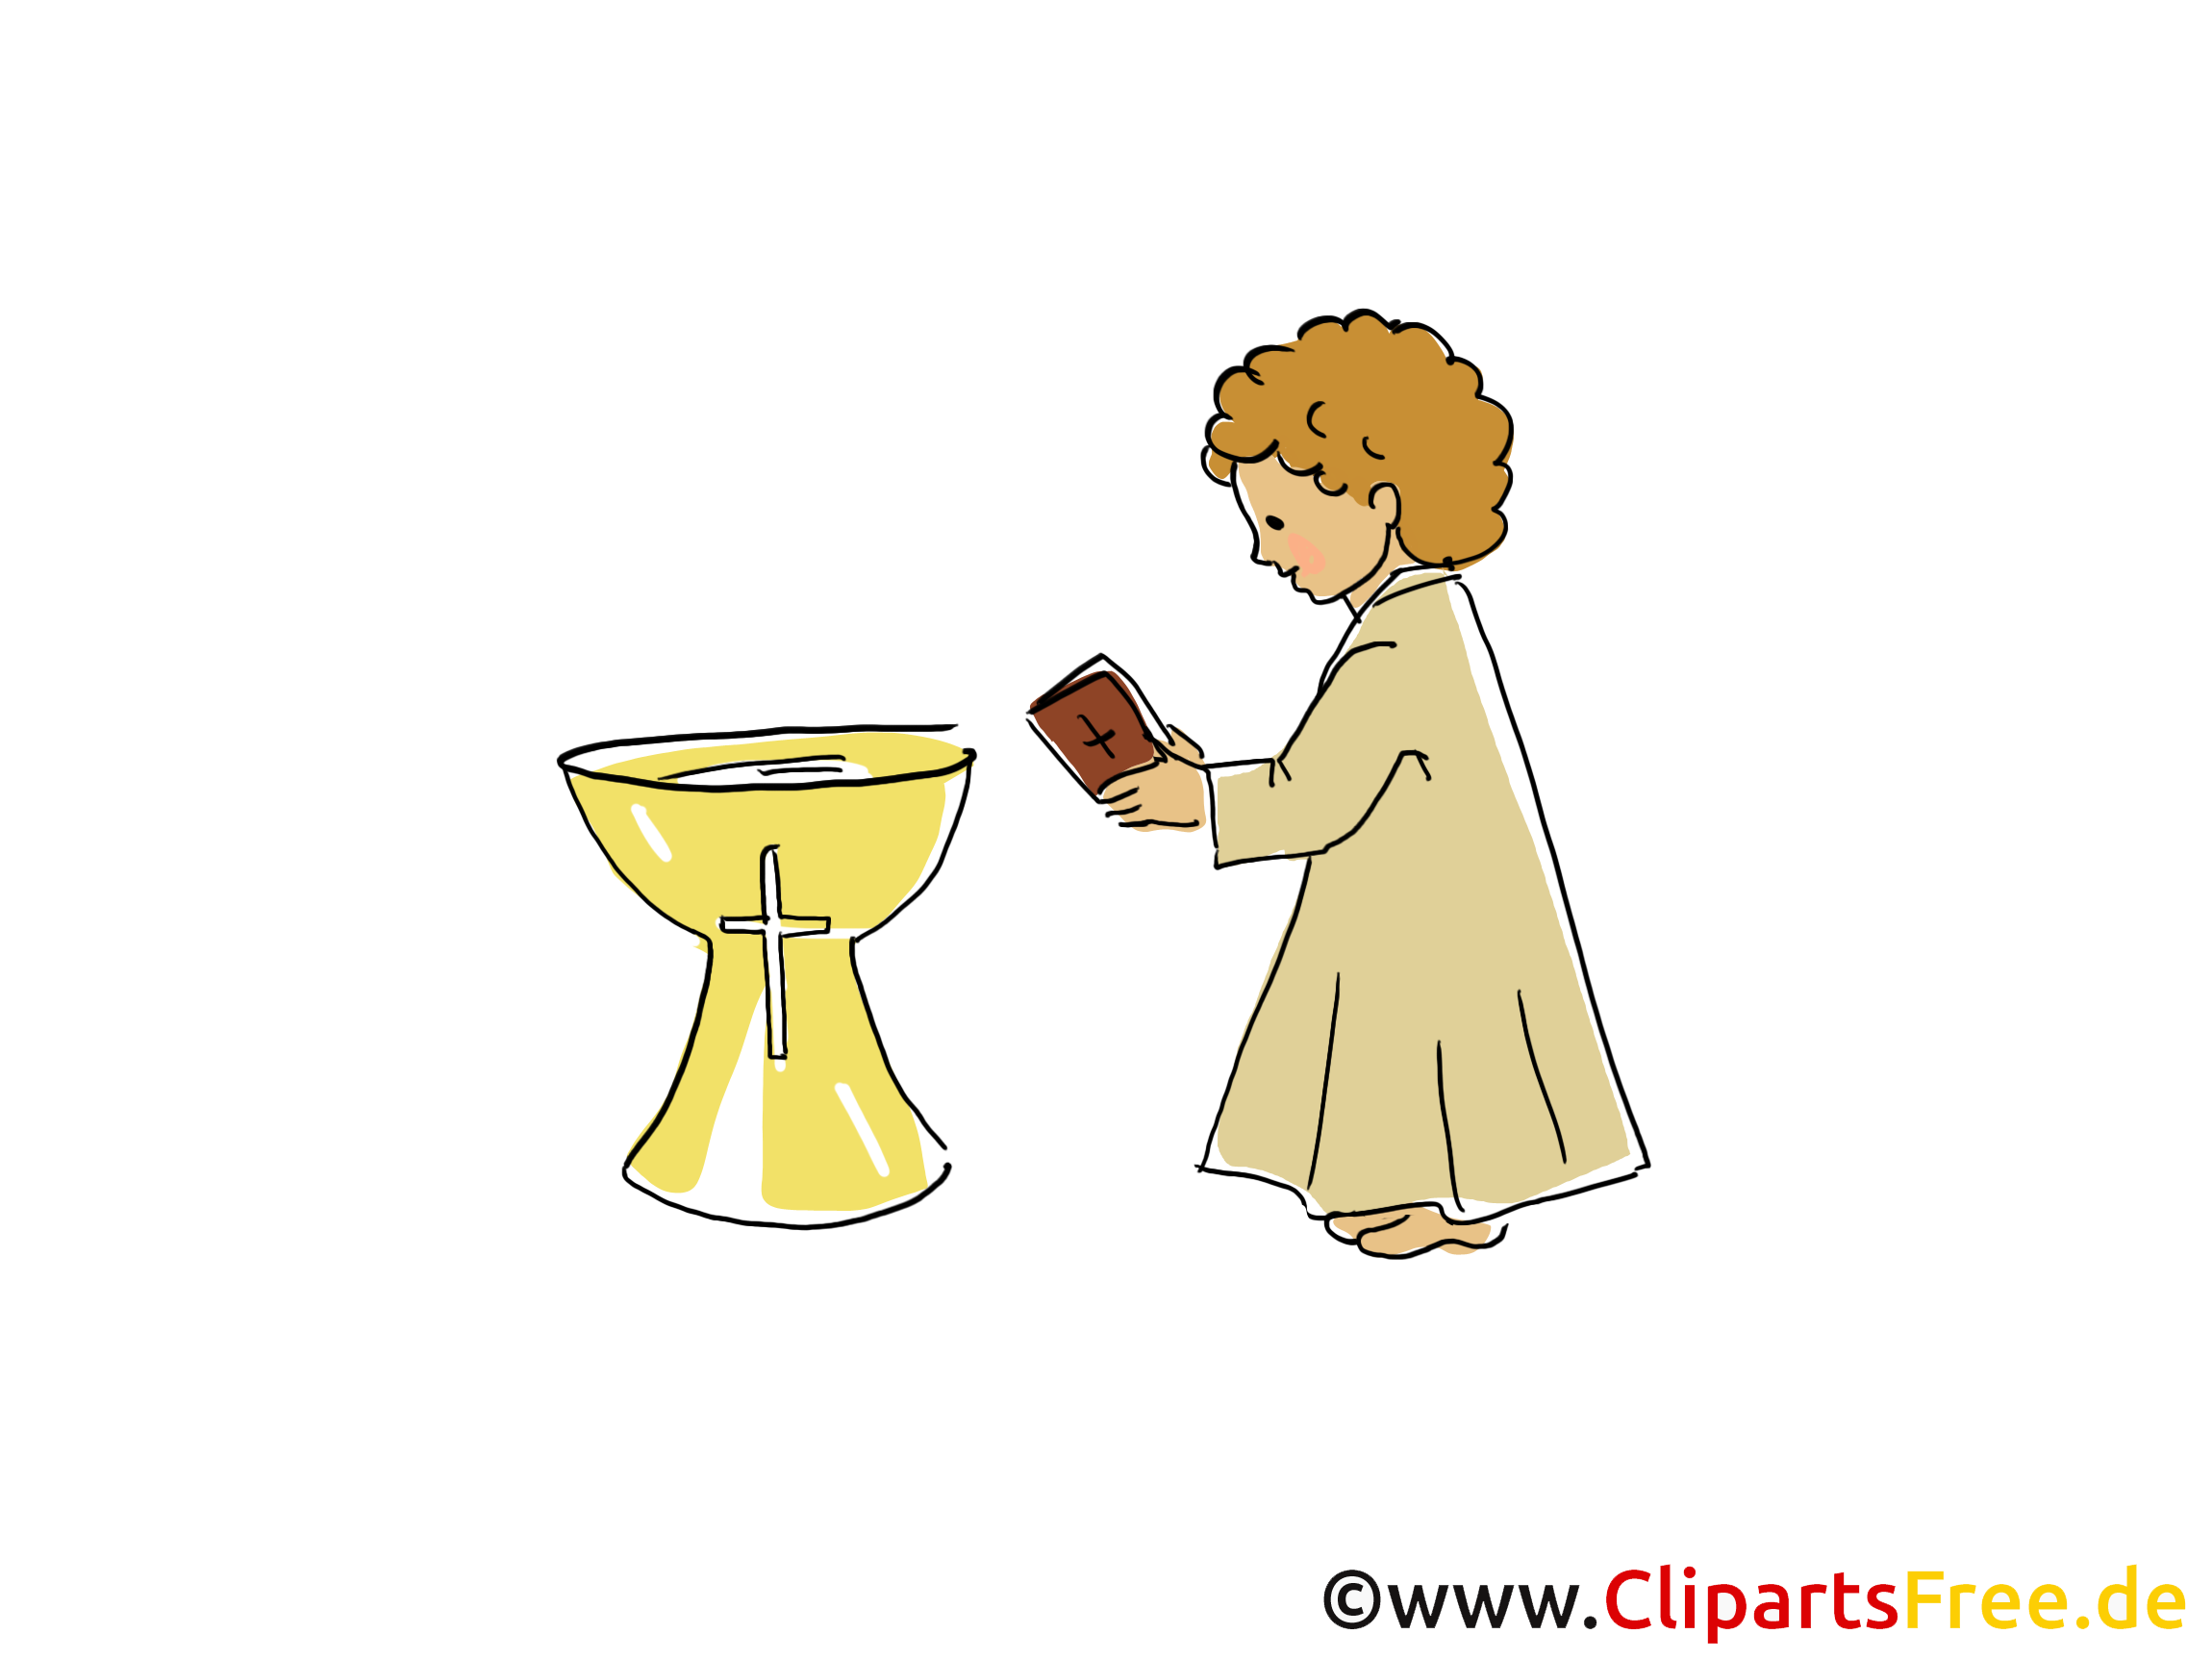 Danksagung Taufe selbst gestalten und per E-Mail versenden